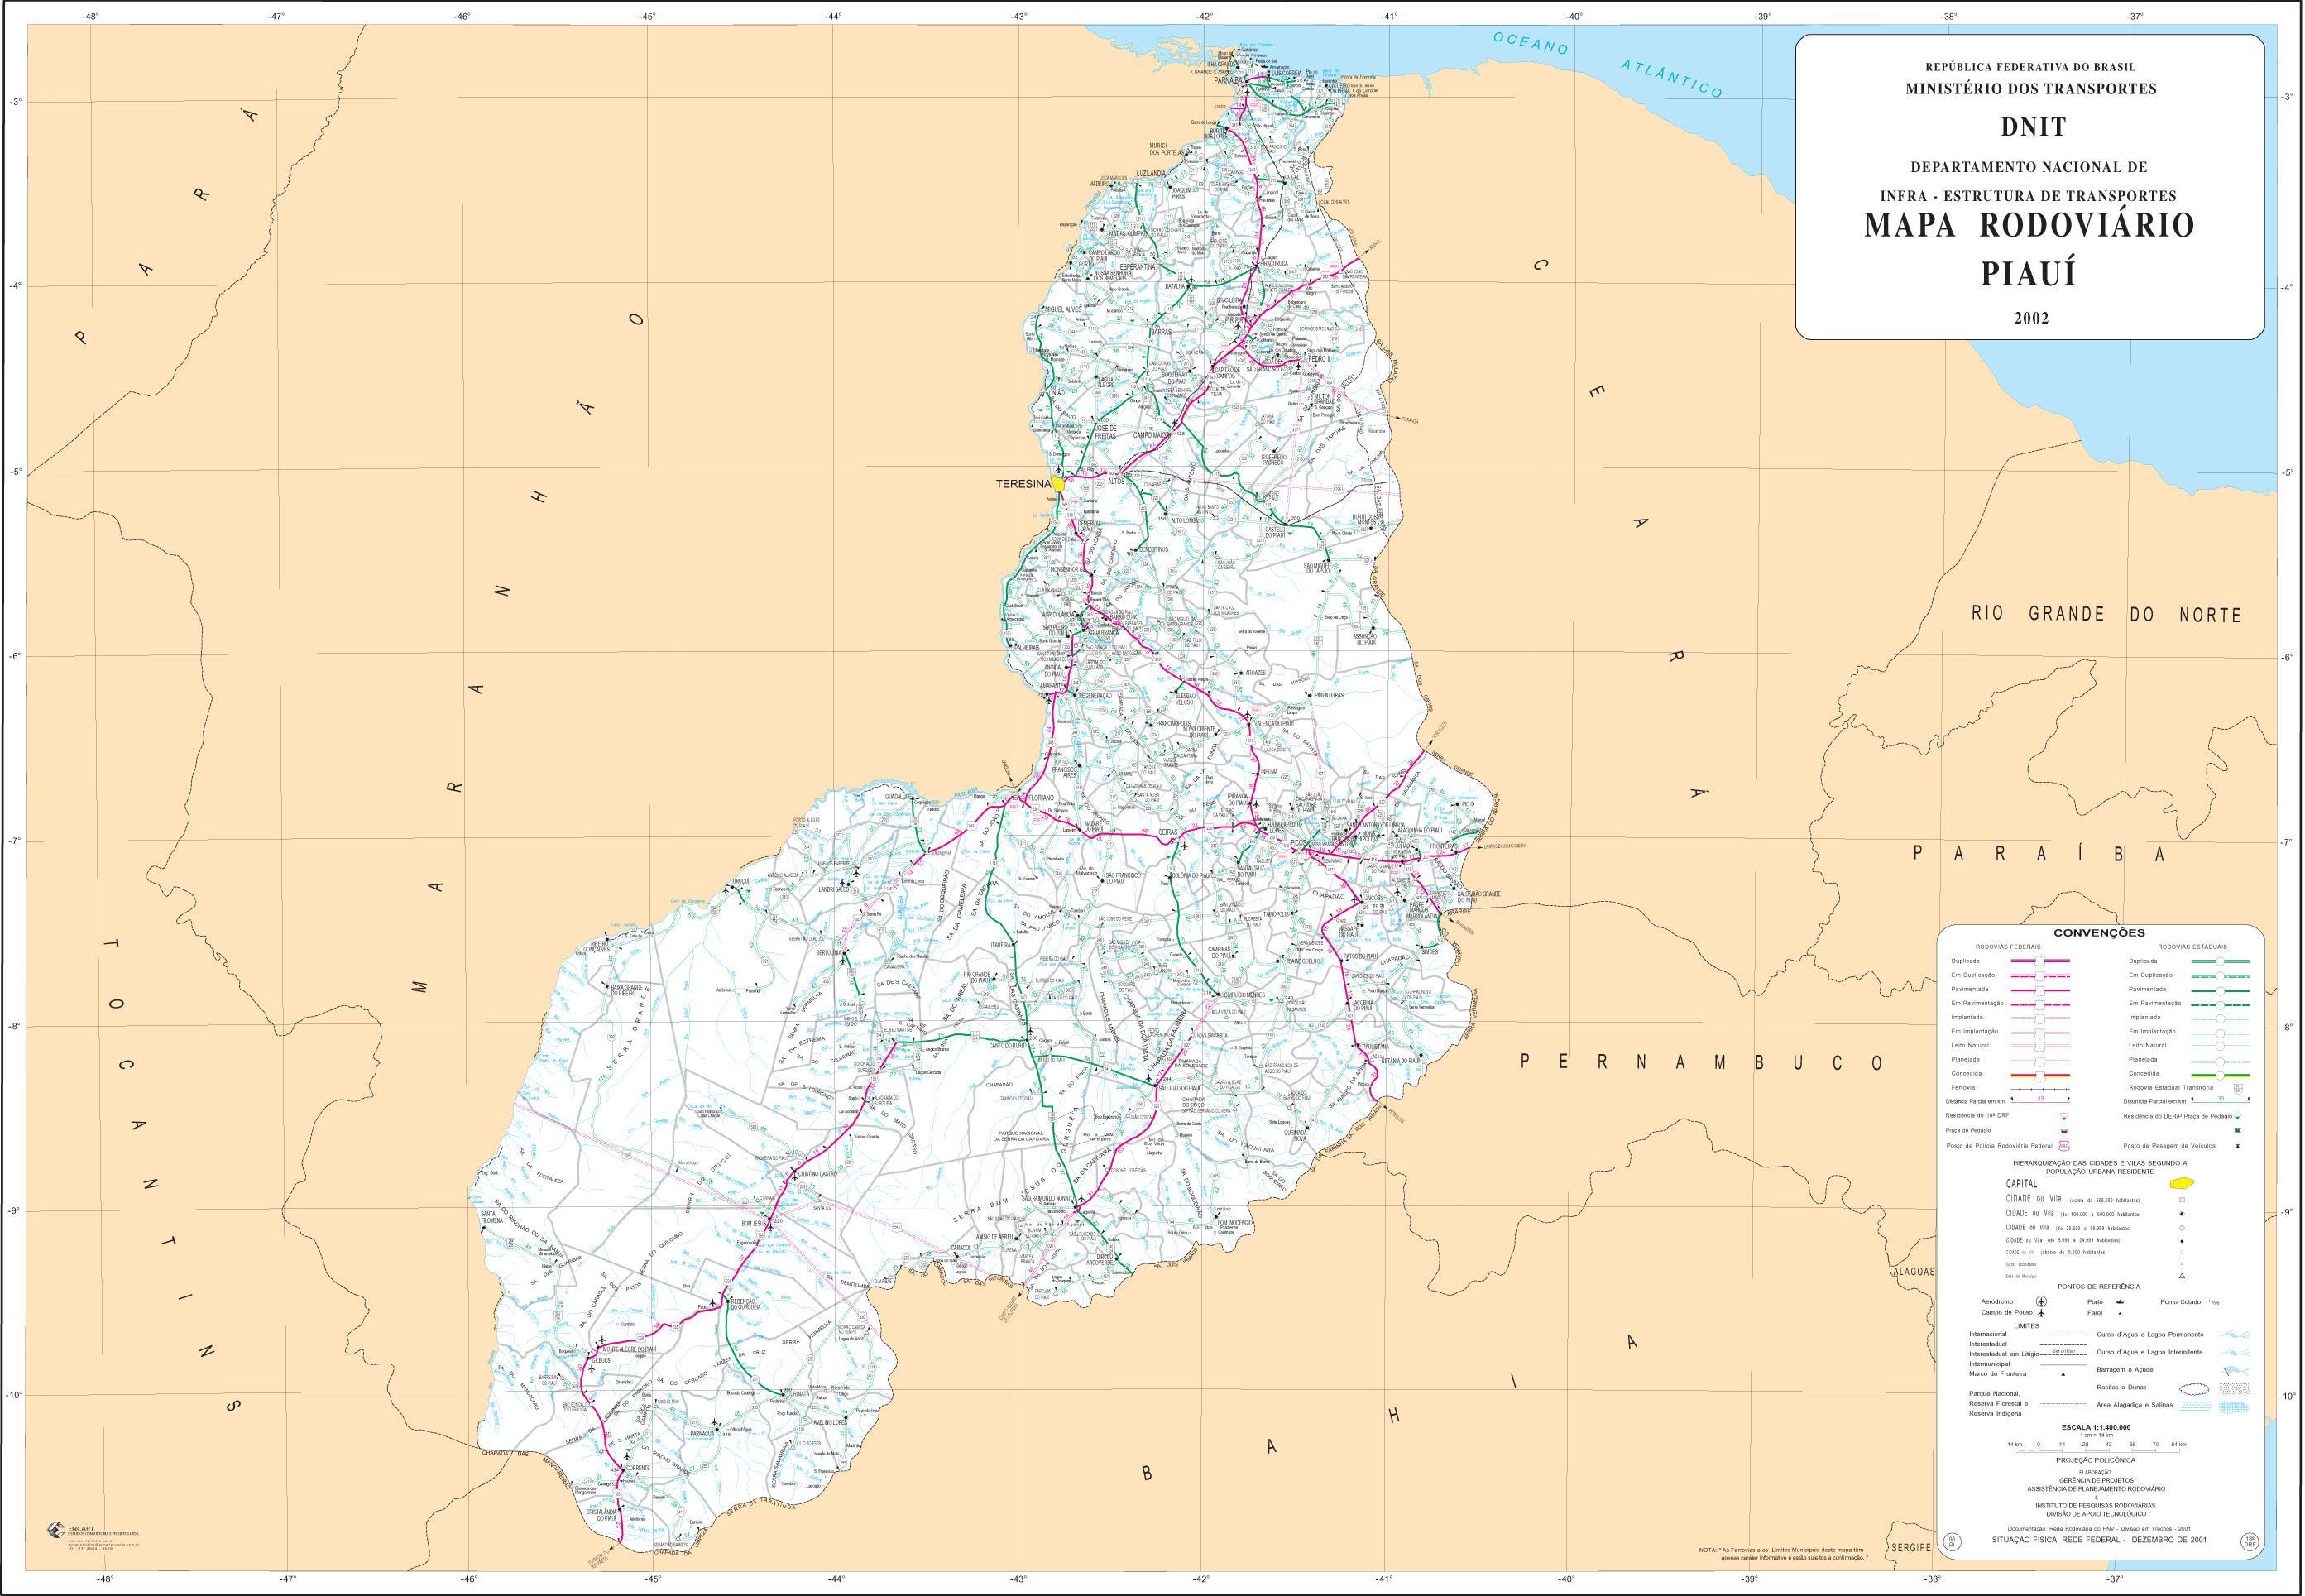 Mapa de Carreteras Federales y Estatales del Edo. de Piauí, Brasil